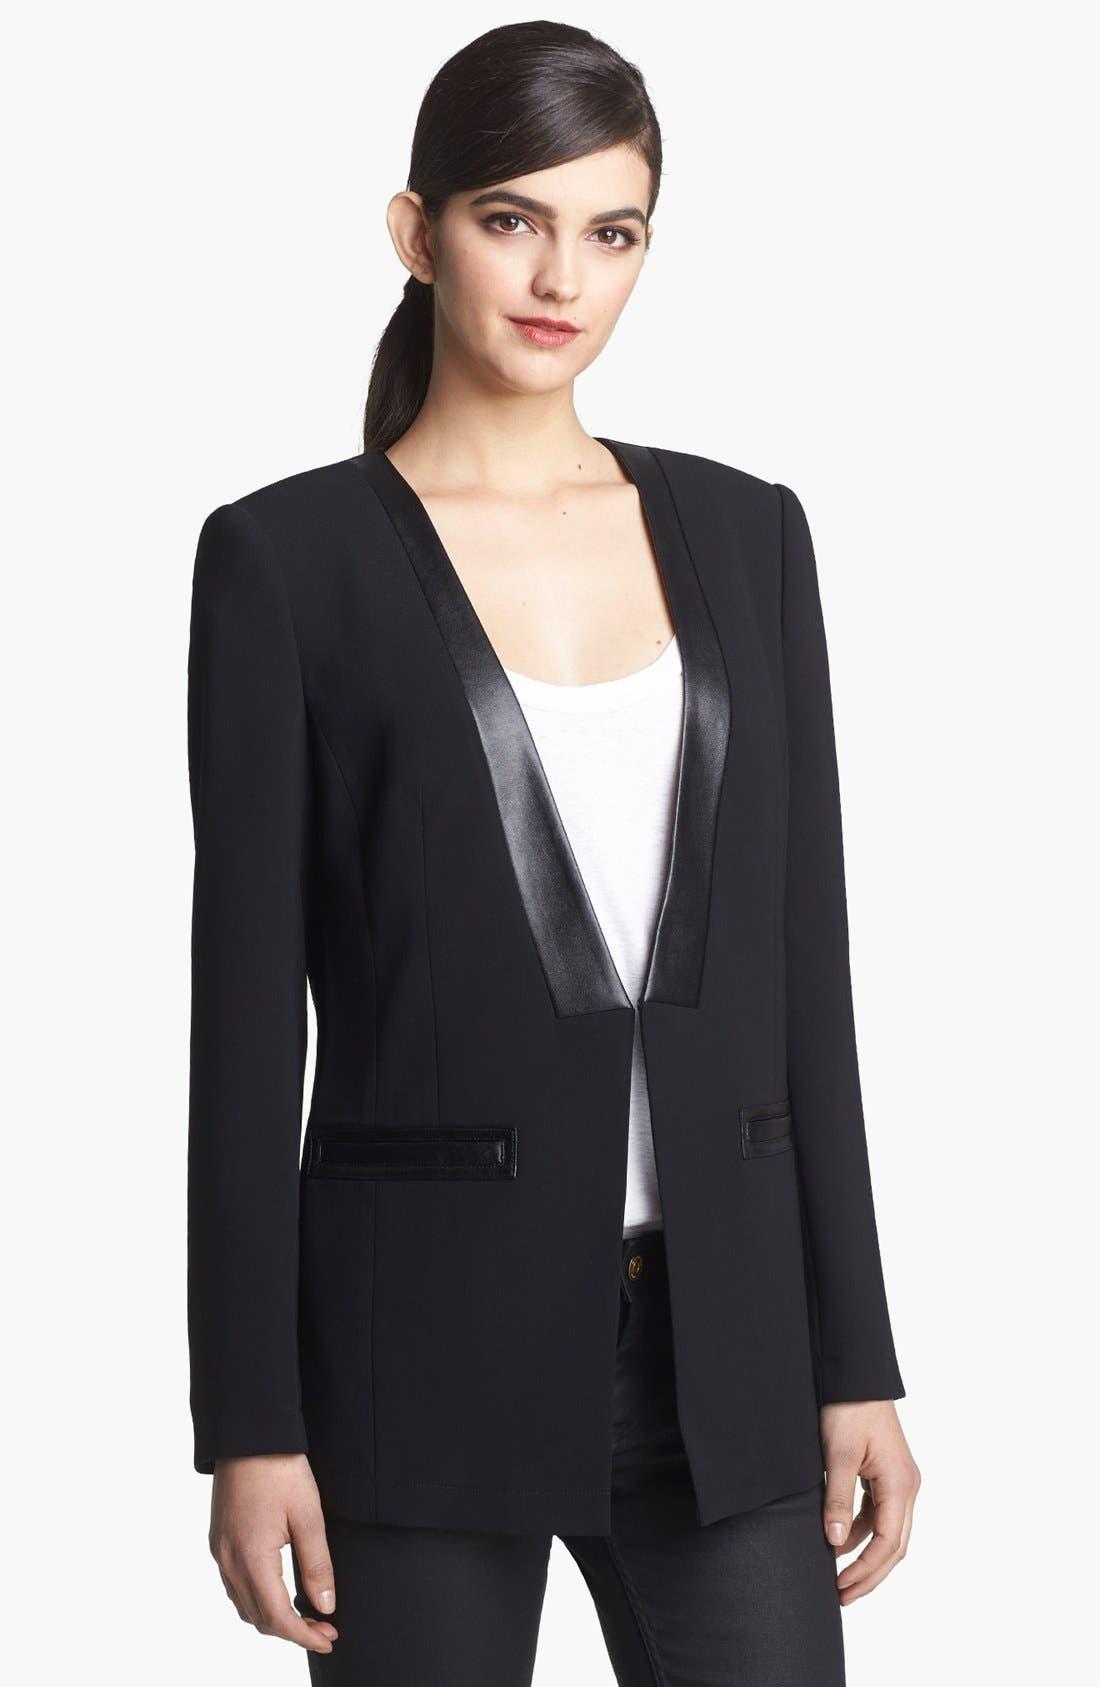 Alternate Image 1 Selected - Robbi & Nikki Faux Leather Trim Tuxedo Blazer